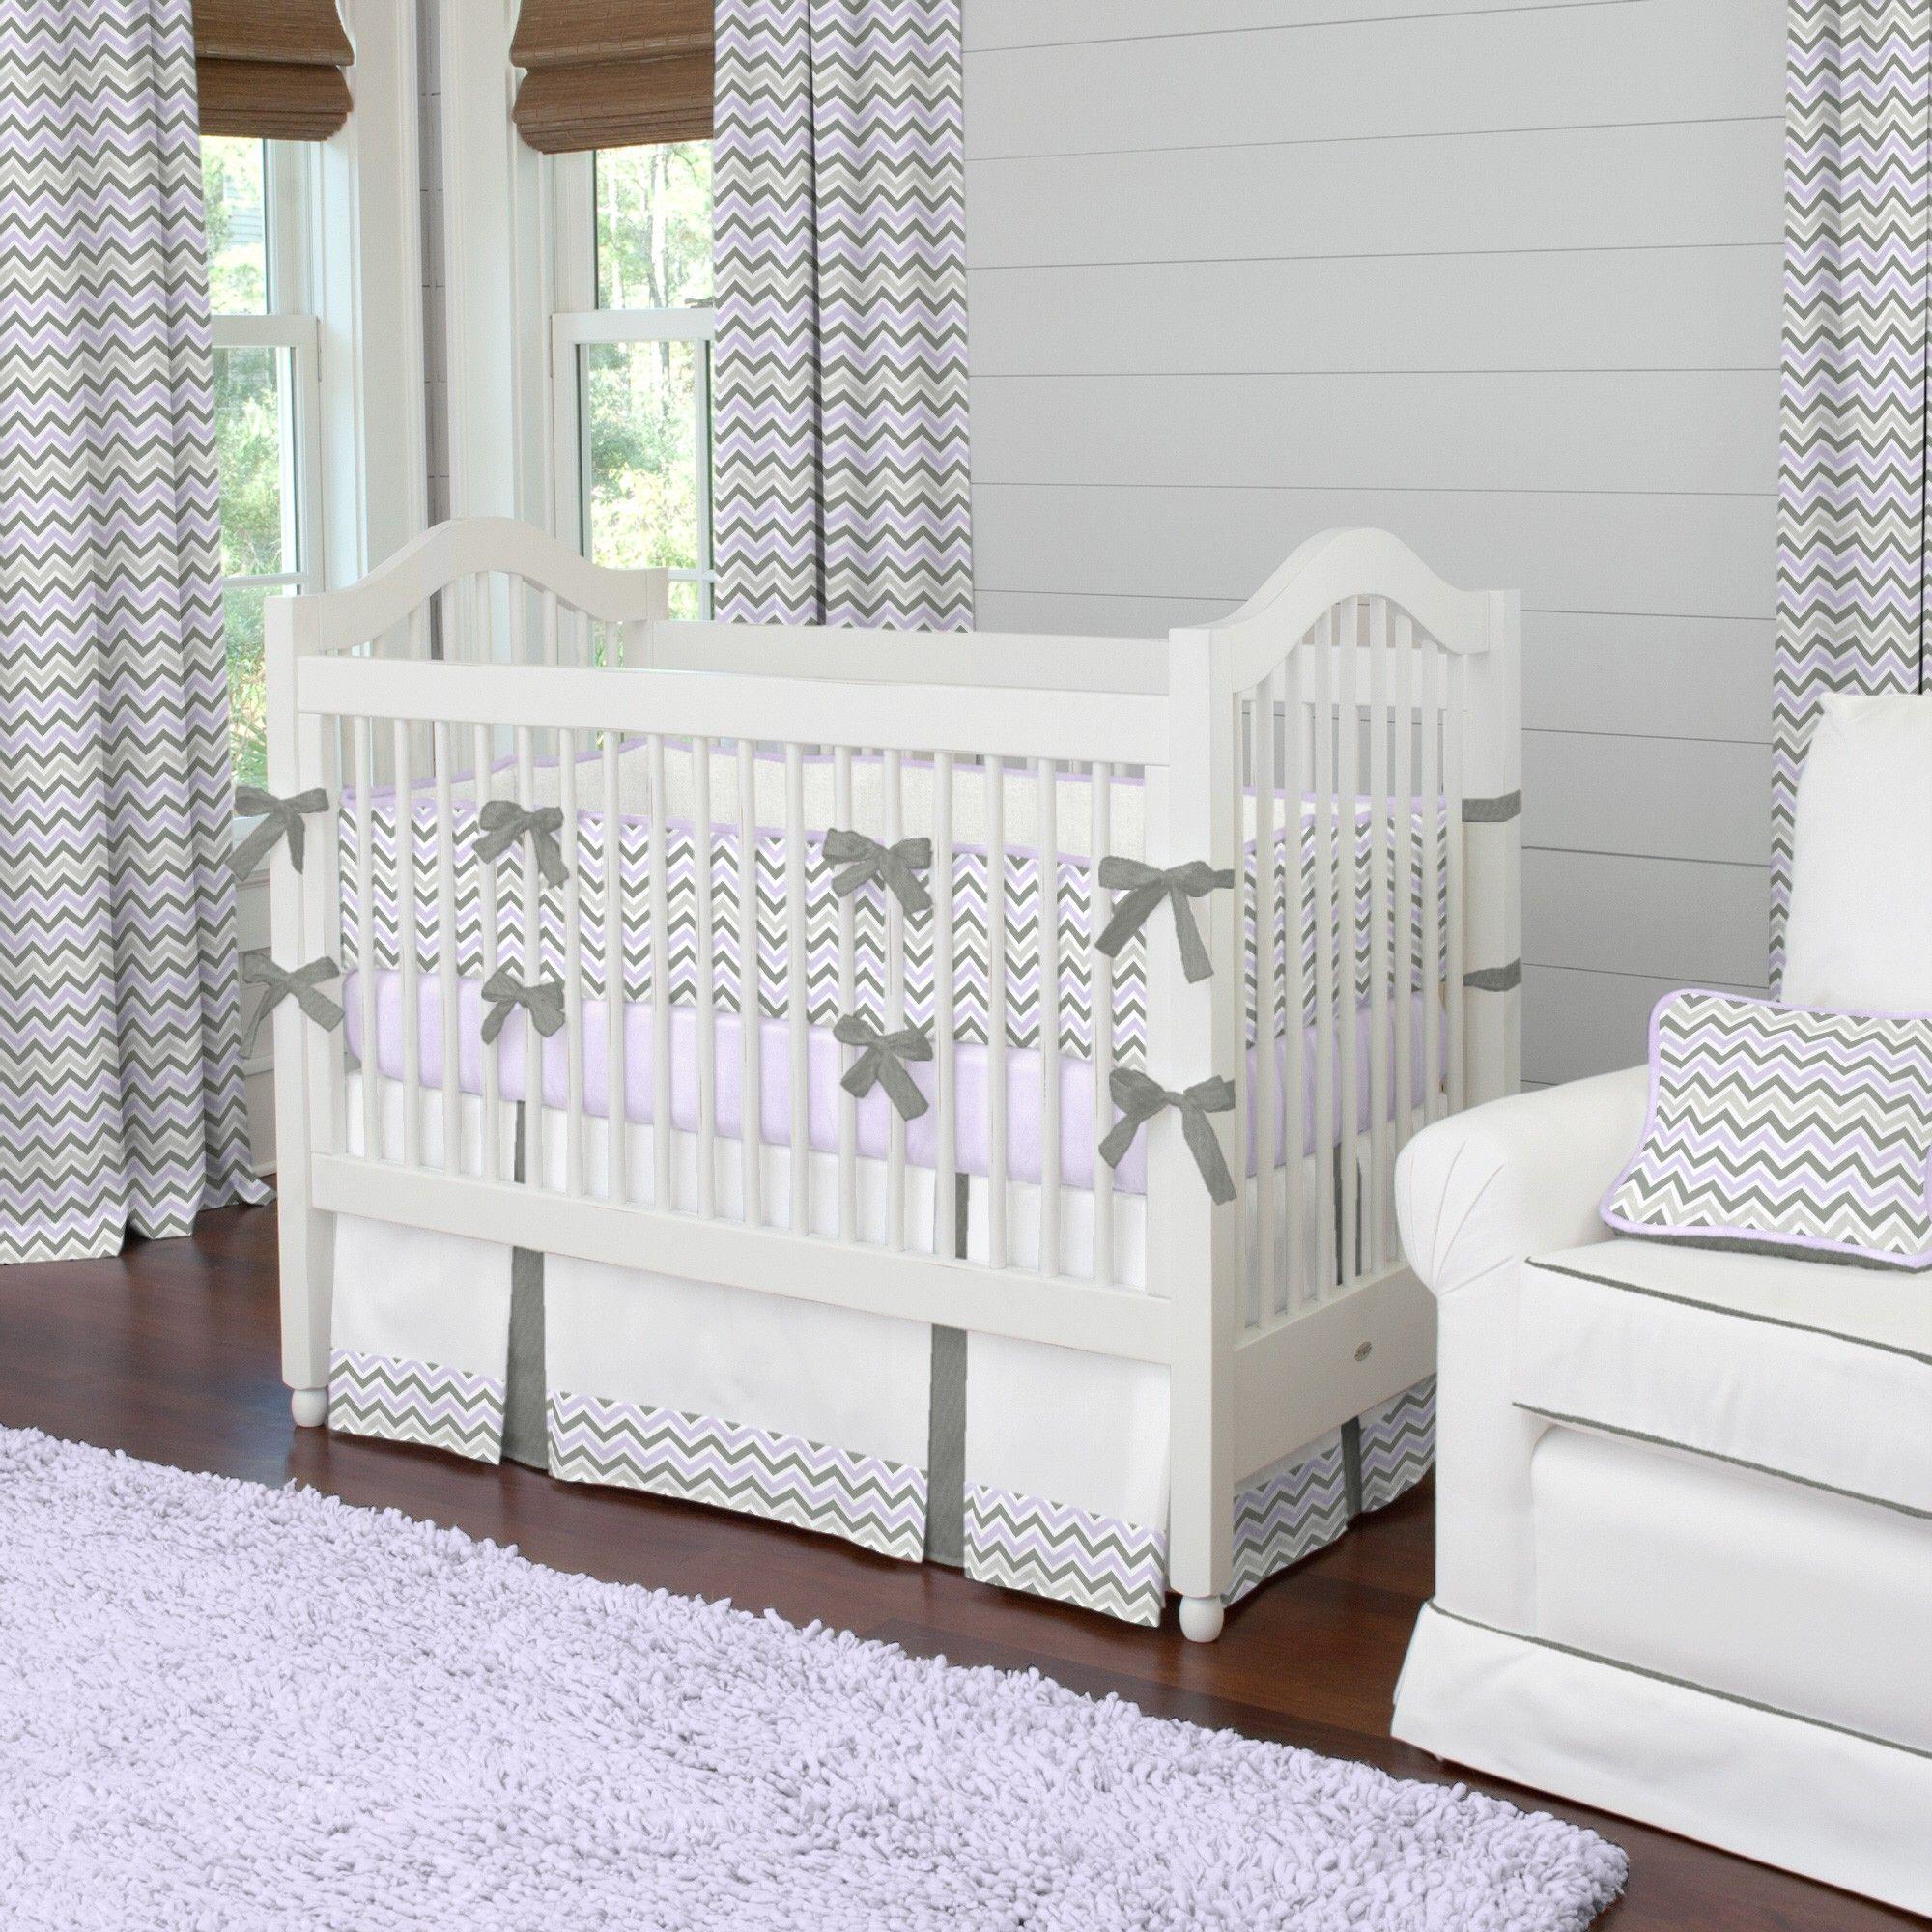 Baby Bettwäsche Sets Aufnahme der Neuen Familie mit den